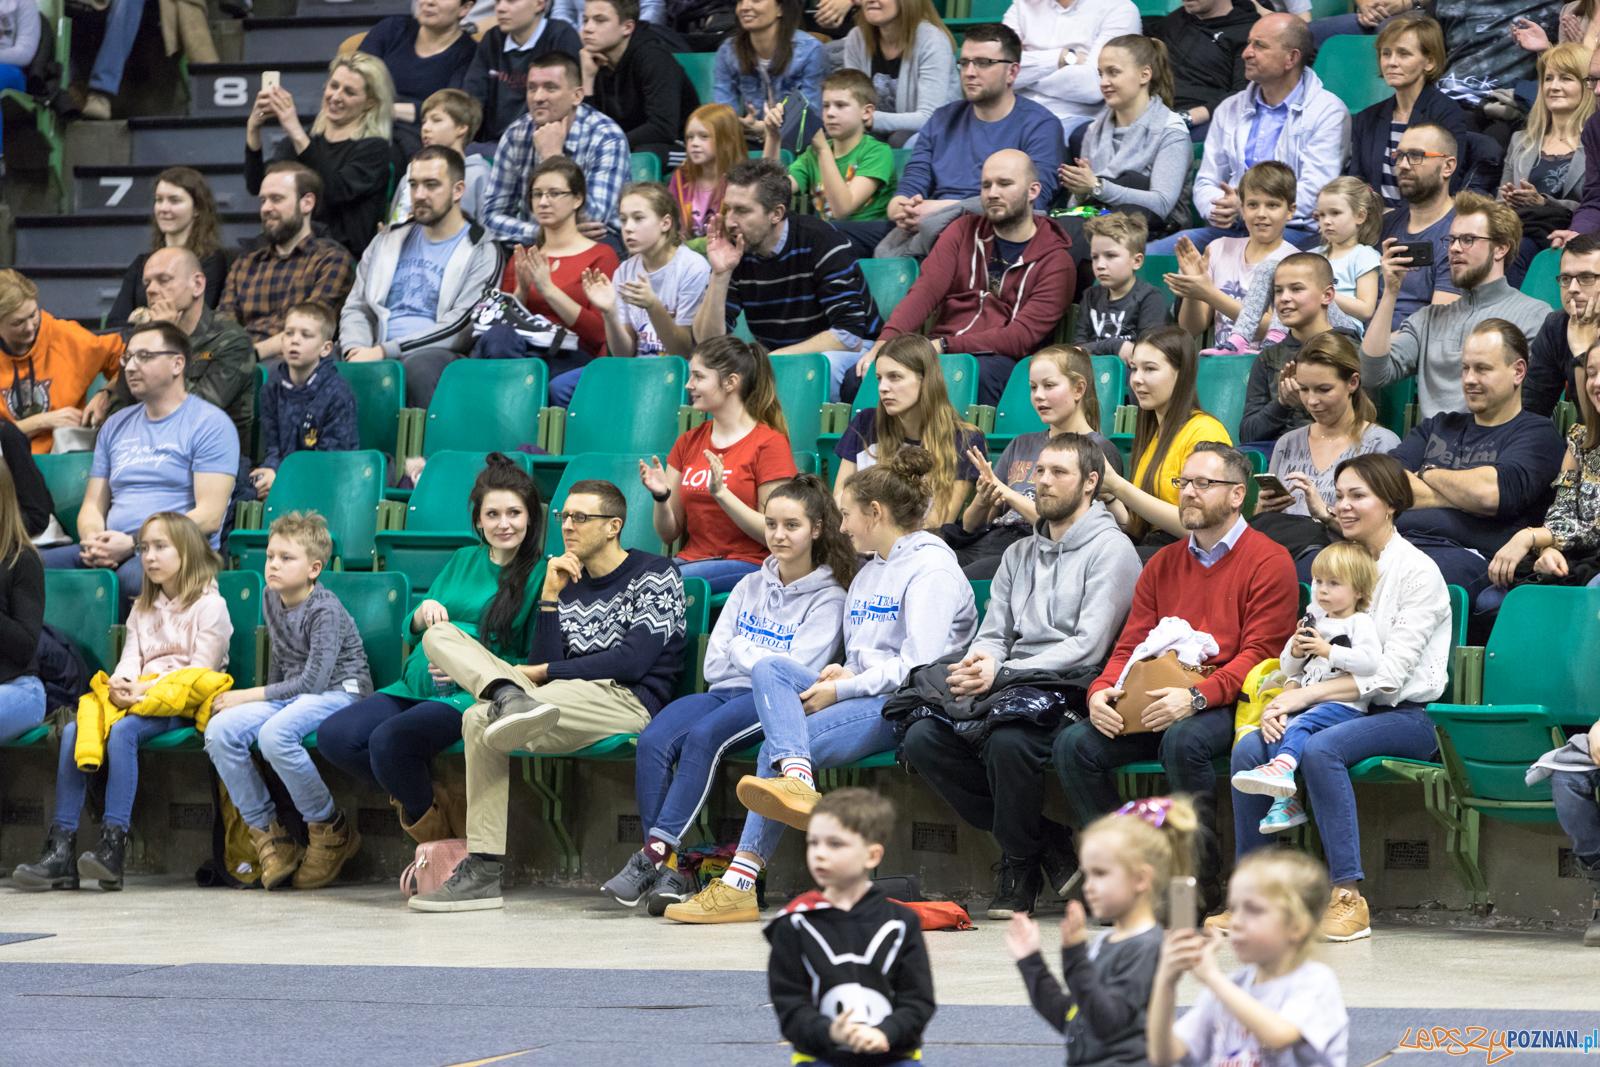 Harlem Globetrotters w Poznaniu  Foto: lepszyPOZNAN.pl/Piotr Rychter